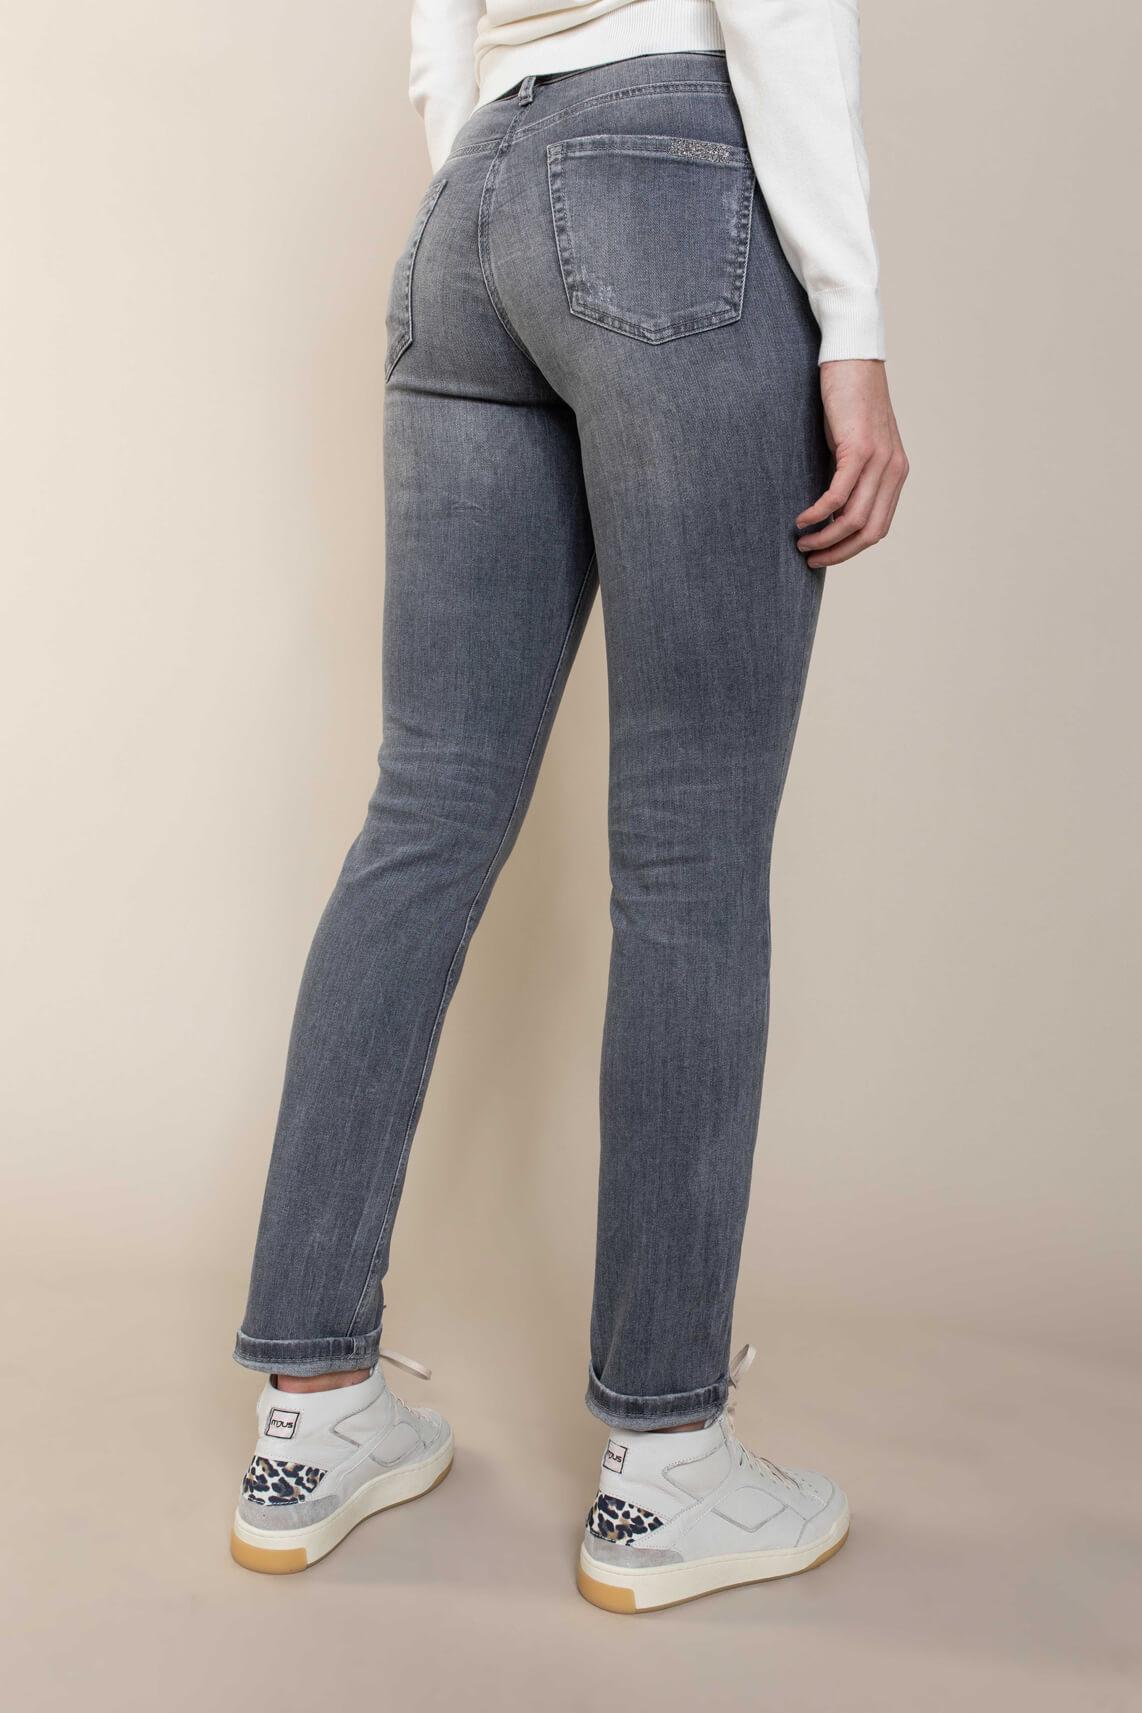 Cambio Dames Parla jeans Grijs